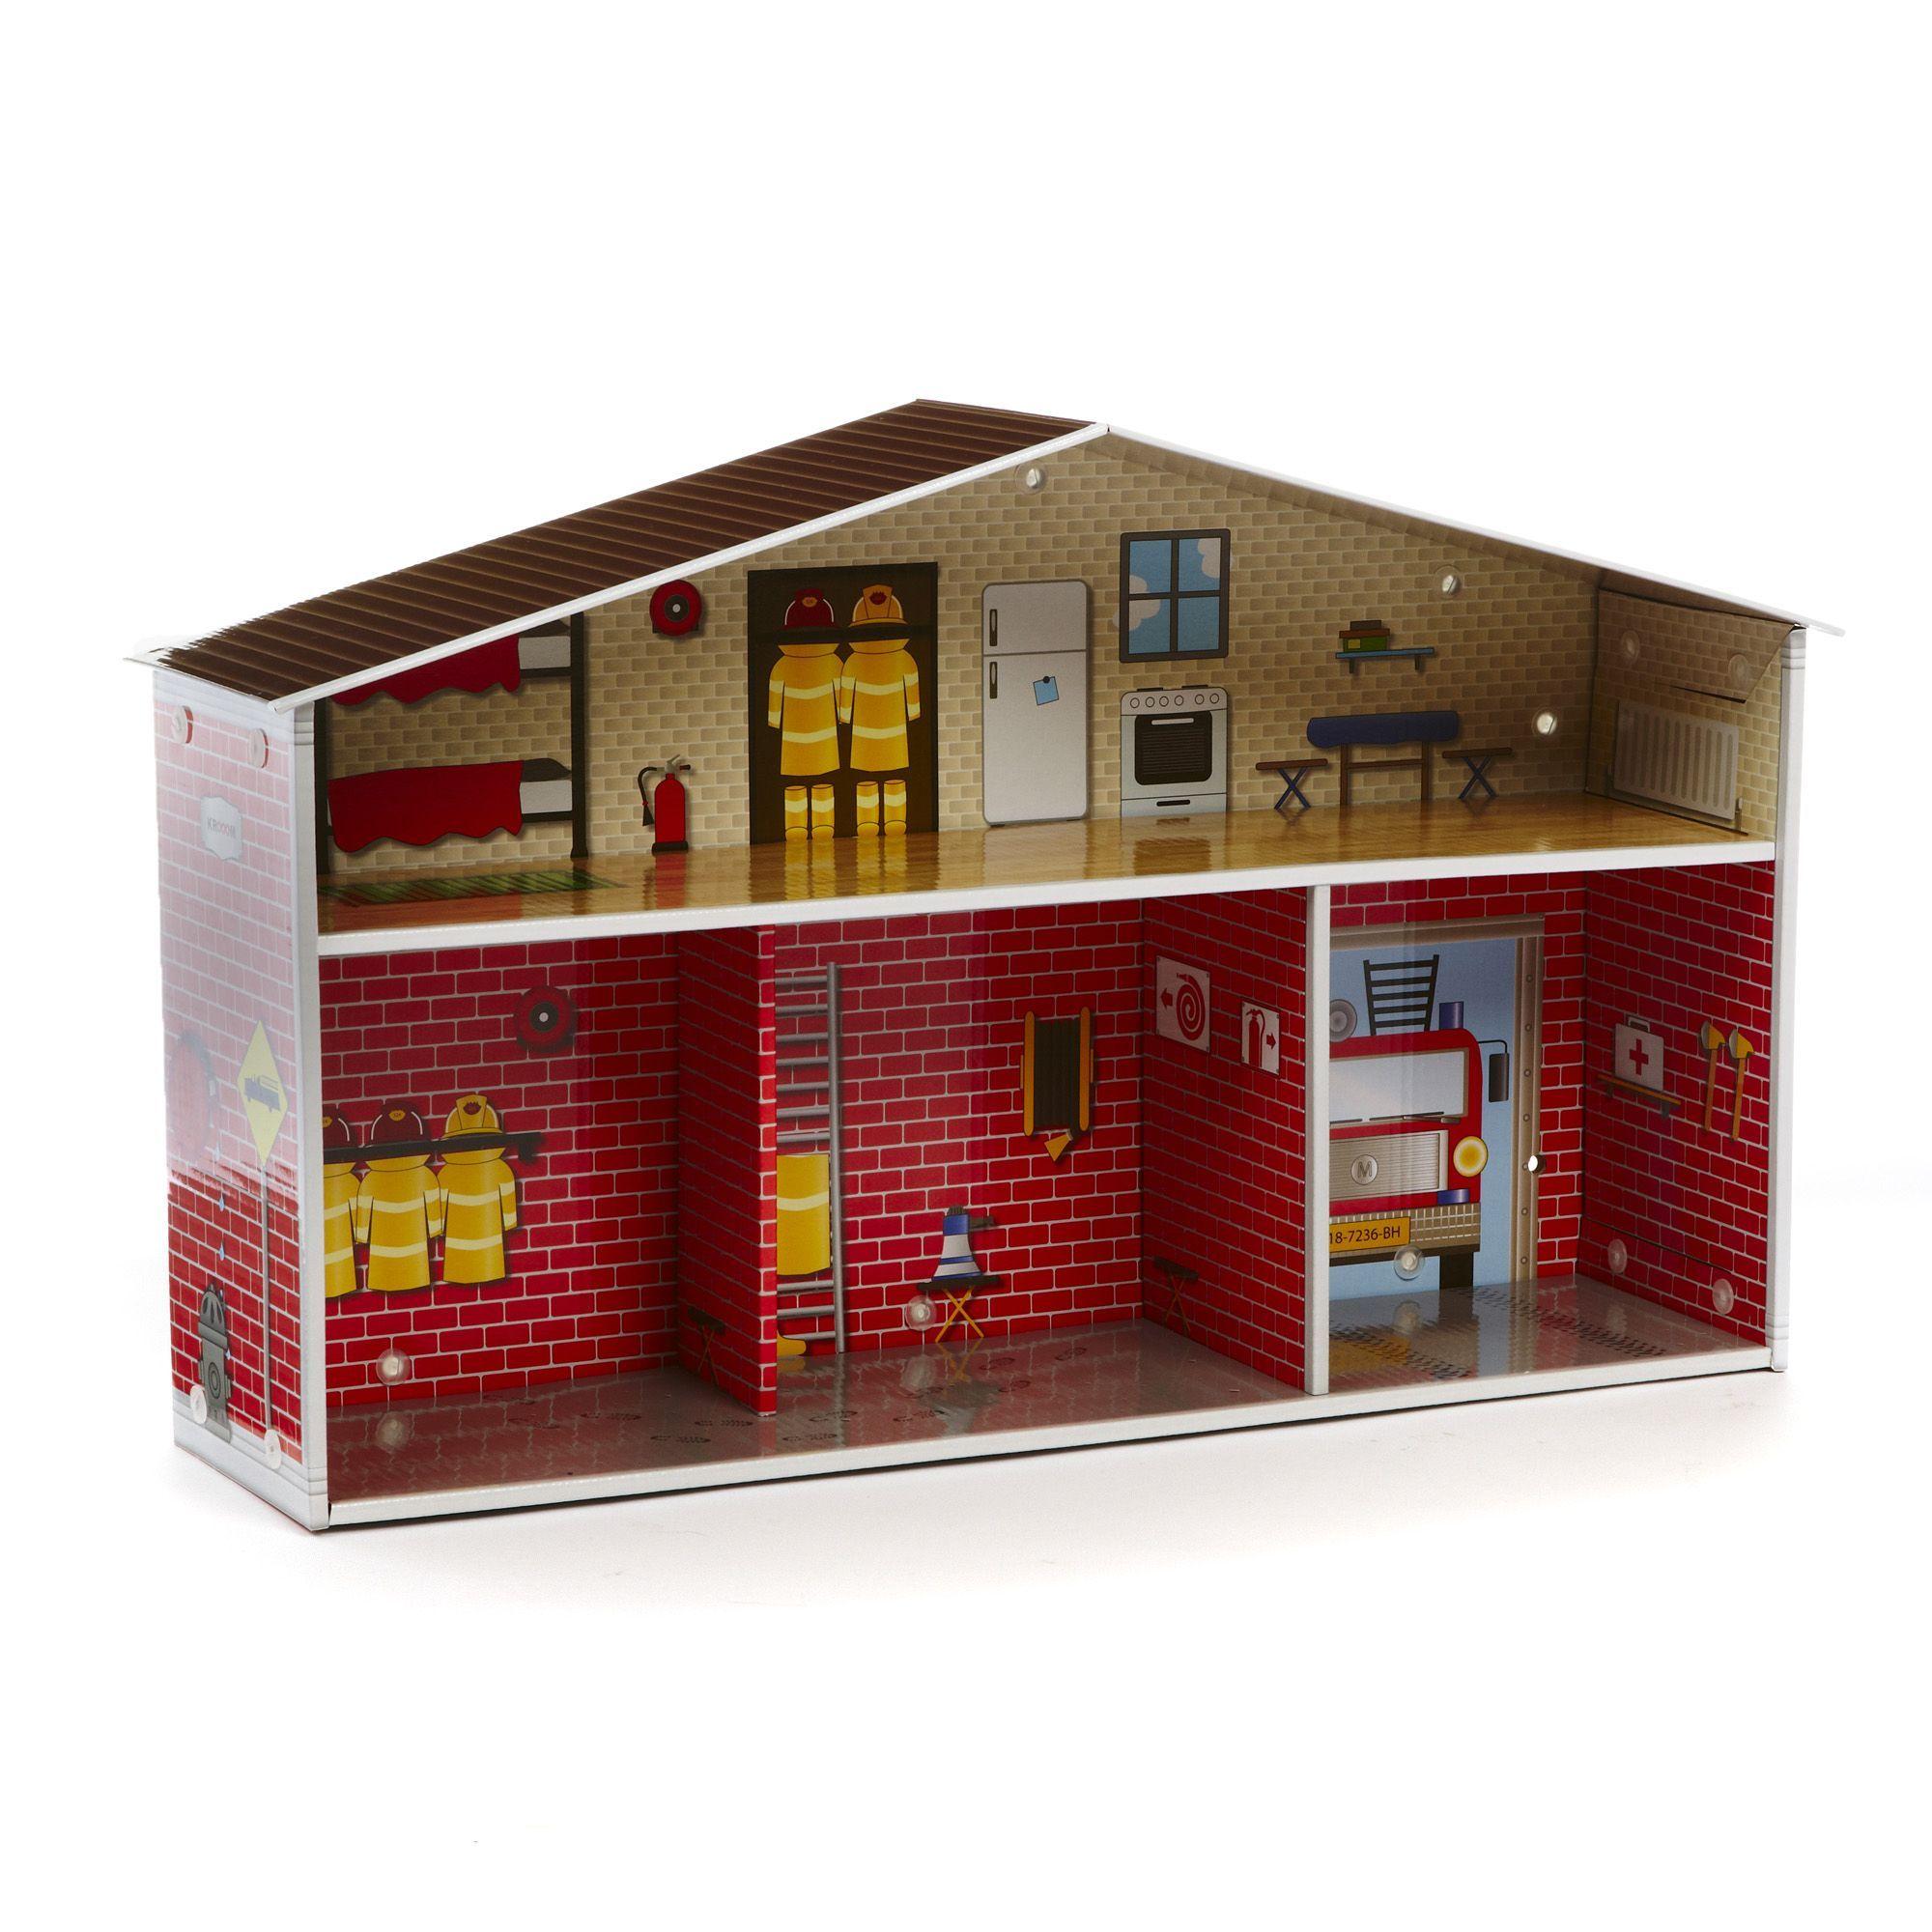 Excellent boutique en ligne et magasins sur toute la for Cuisine simulation en ligne